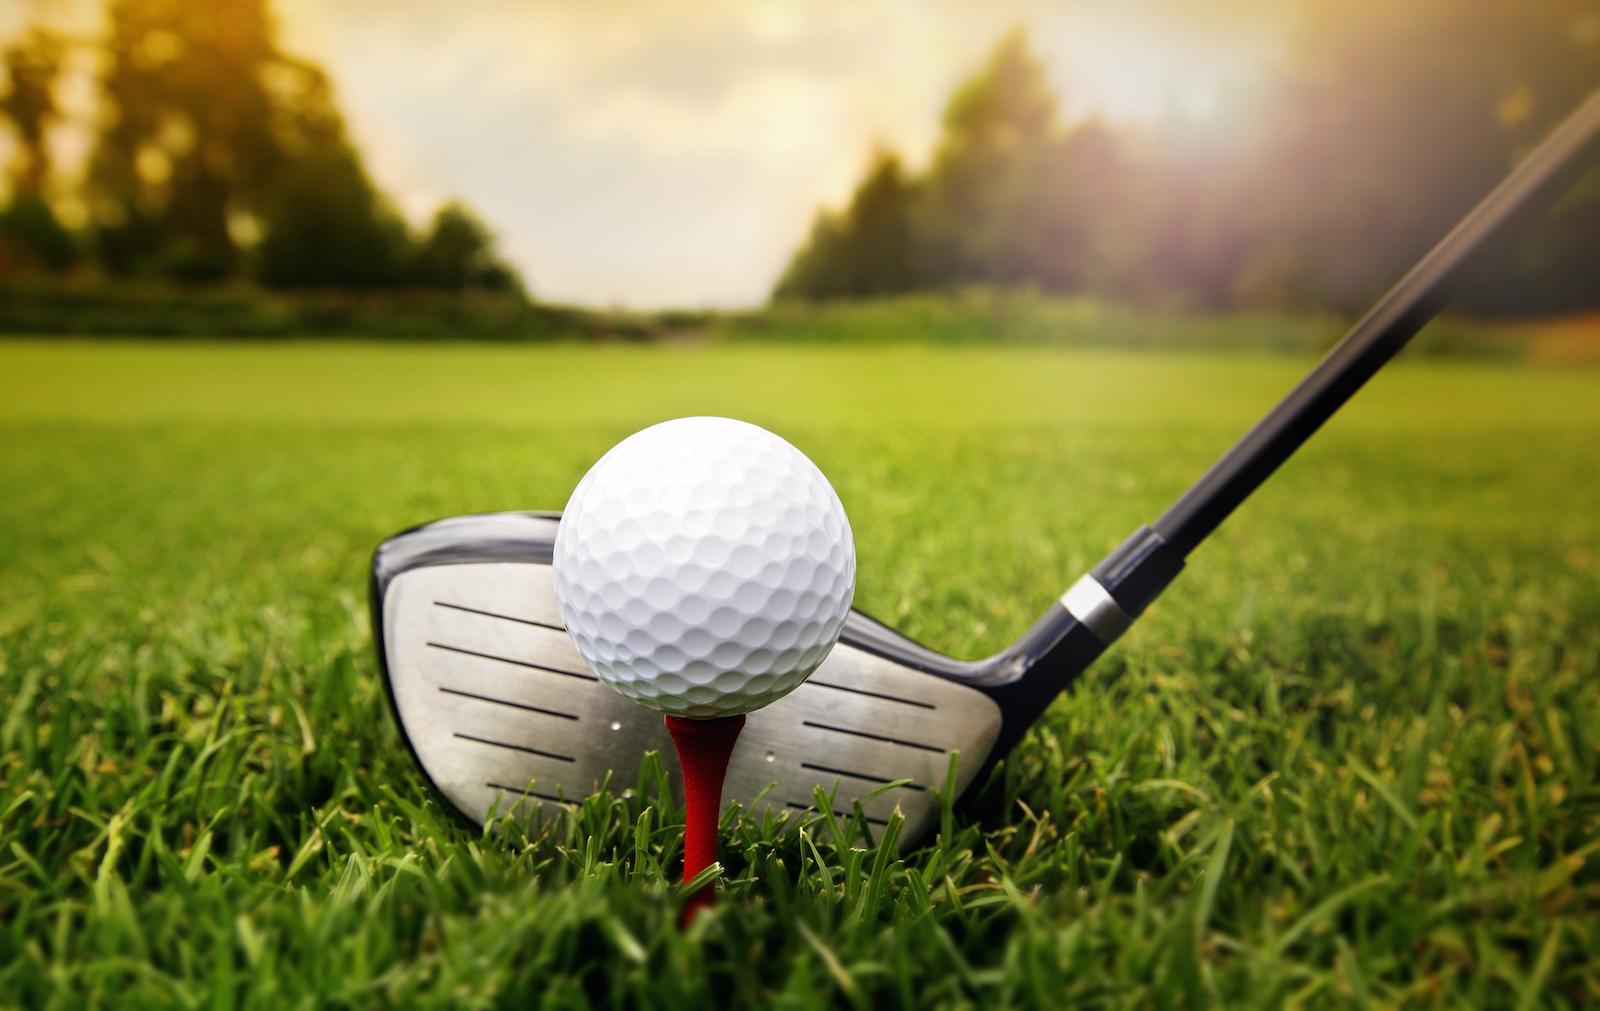 Tournoi de golf à Marly : 150 joueurs professionnels à l'Open de la Mirabelle d'Or